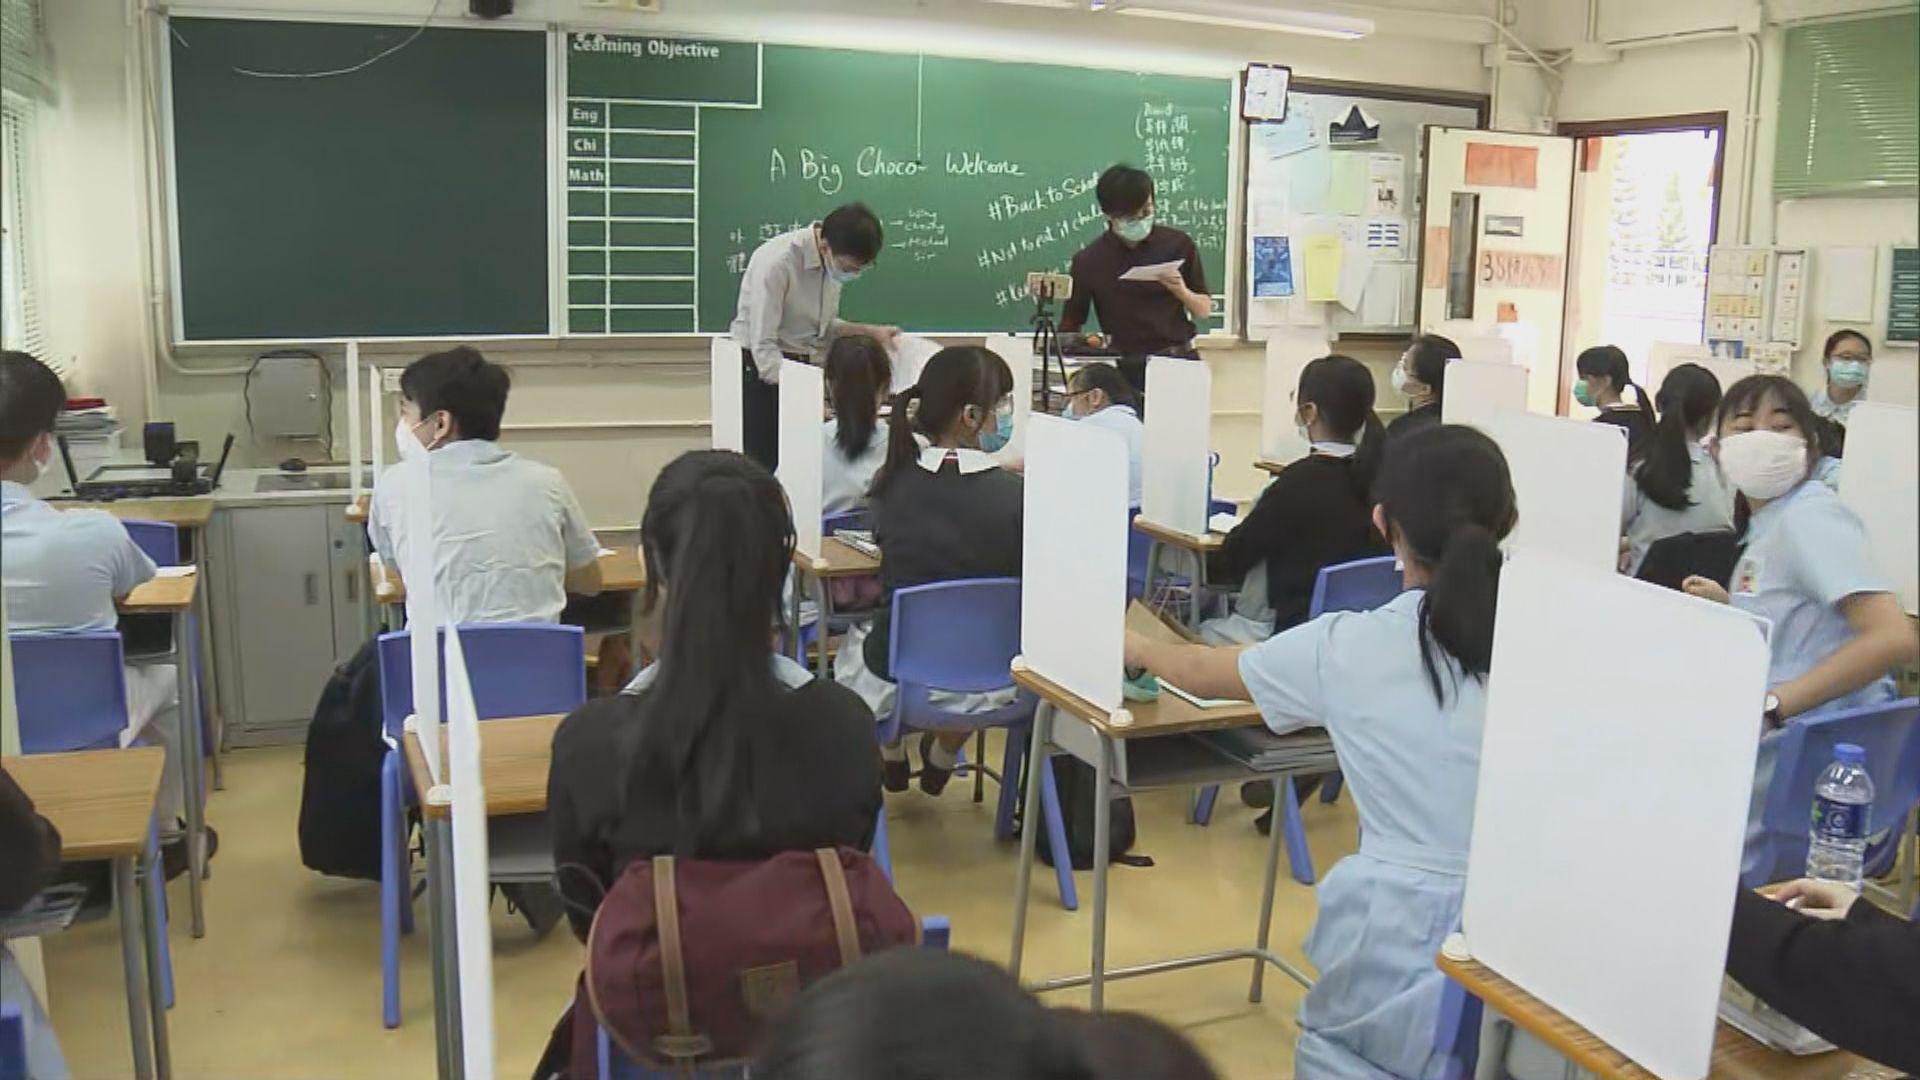 楊潤雄:學生違國歌法如嚴重至學校無法處理可報警